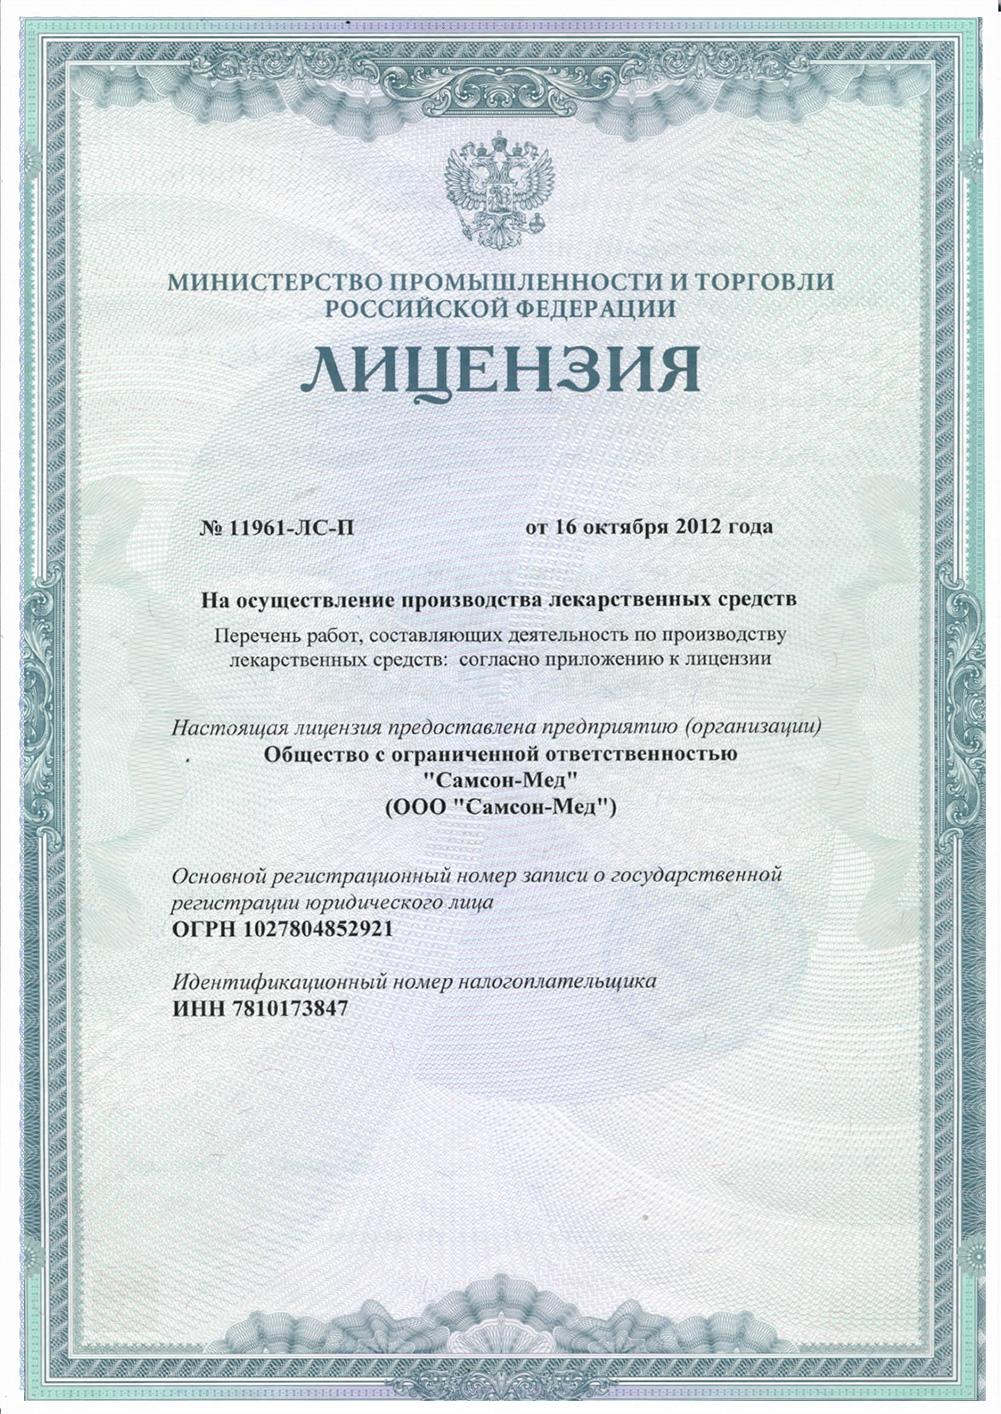 """Лицензия на производство фармпрепаратов ООО """"Самсон-Мед"""""""